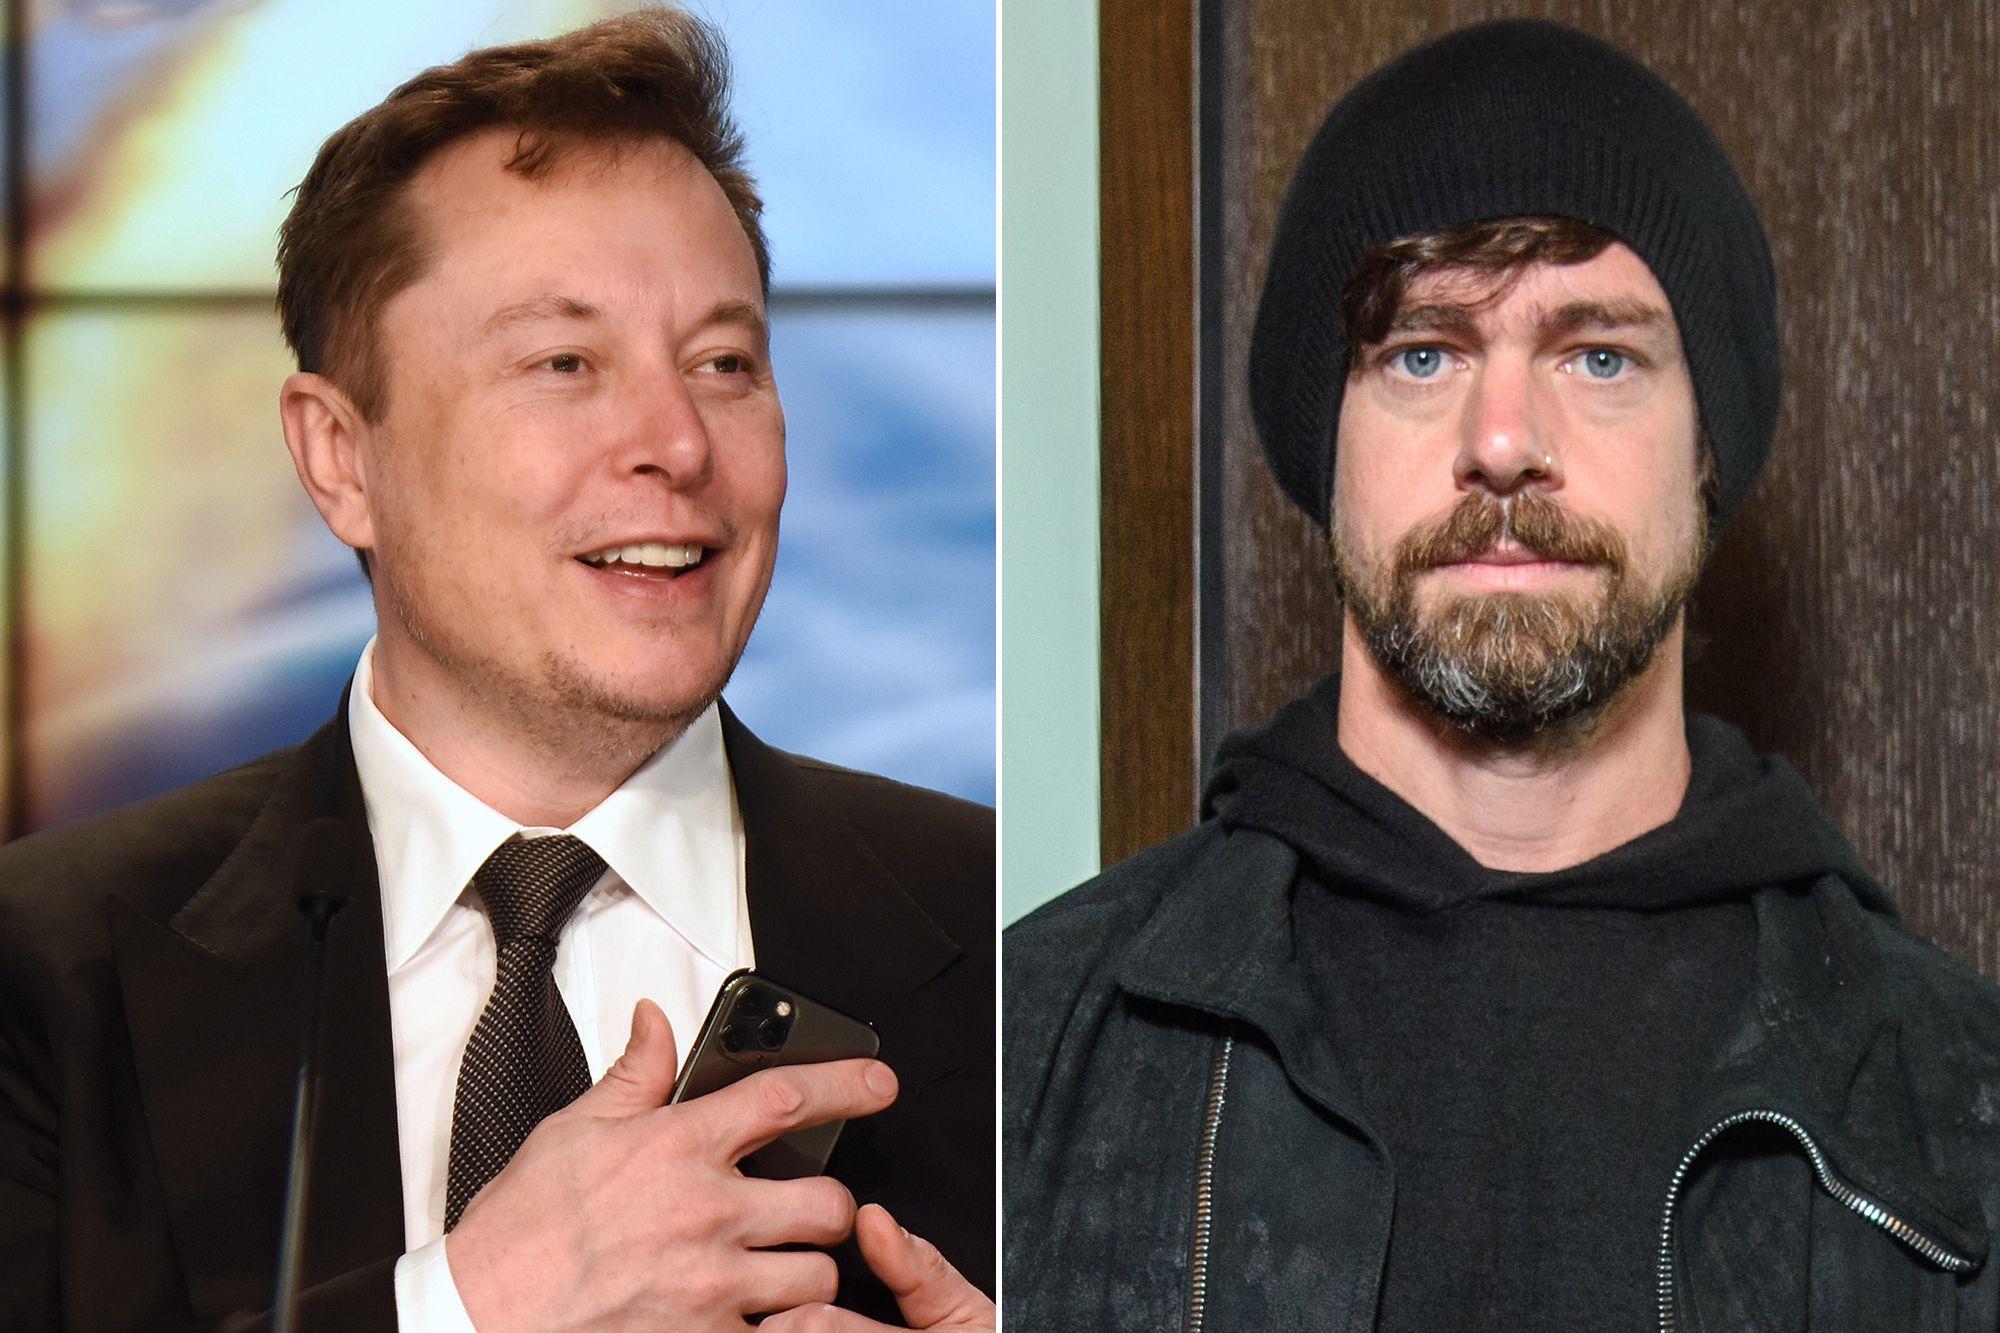 Elon Musk (trái) và Jack Dorsey (phải) là những tỷ phú ủng hộ Bitcoin và tiền ảo. Ảnh: NYPost.